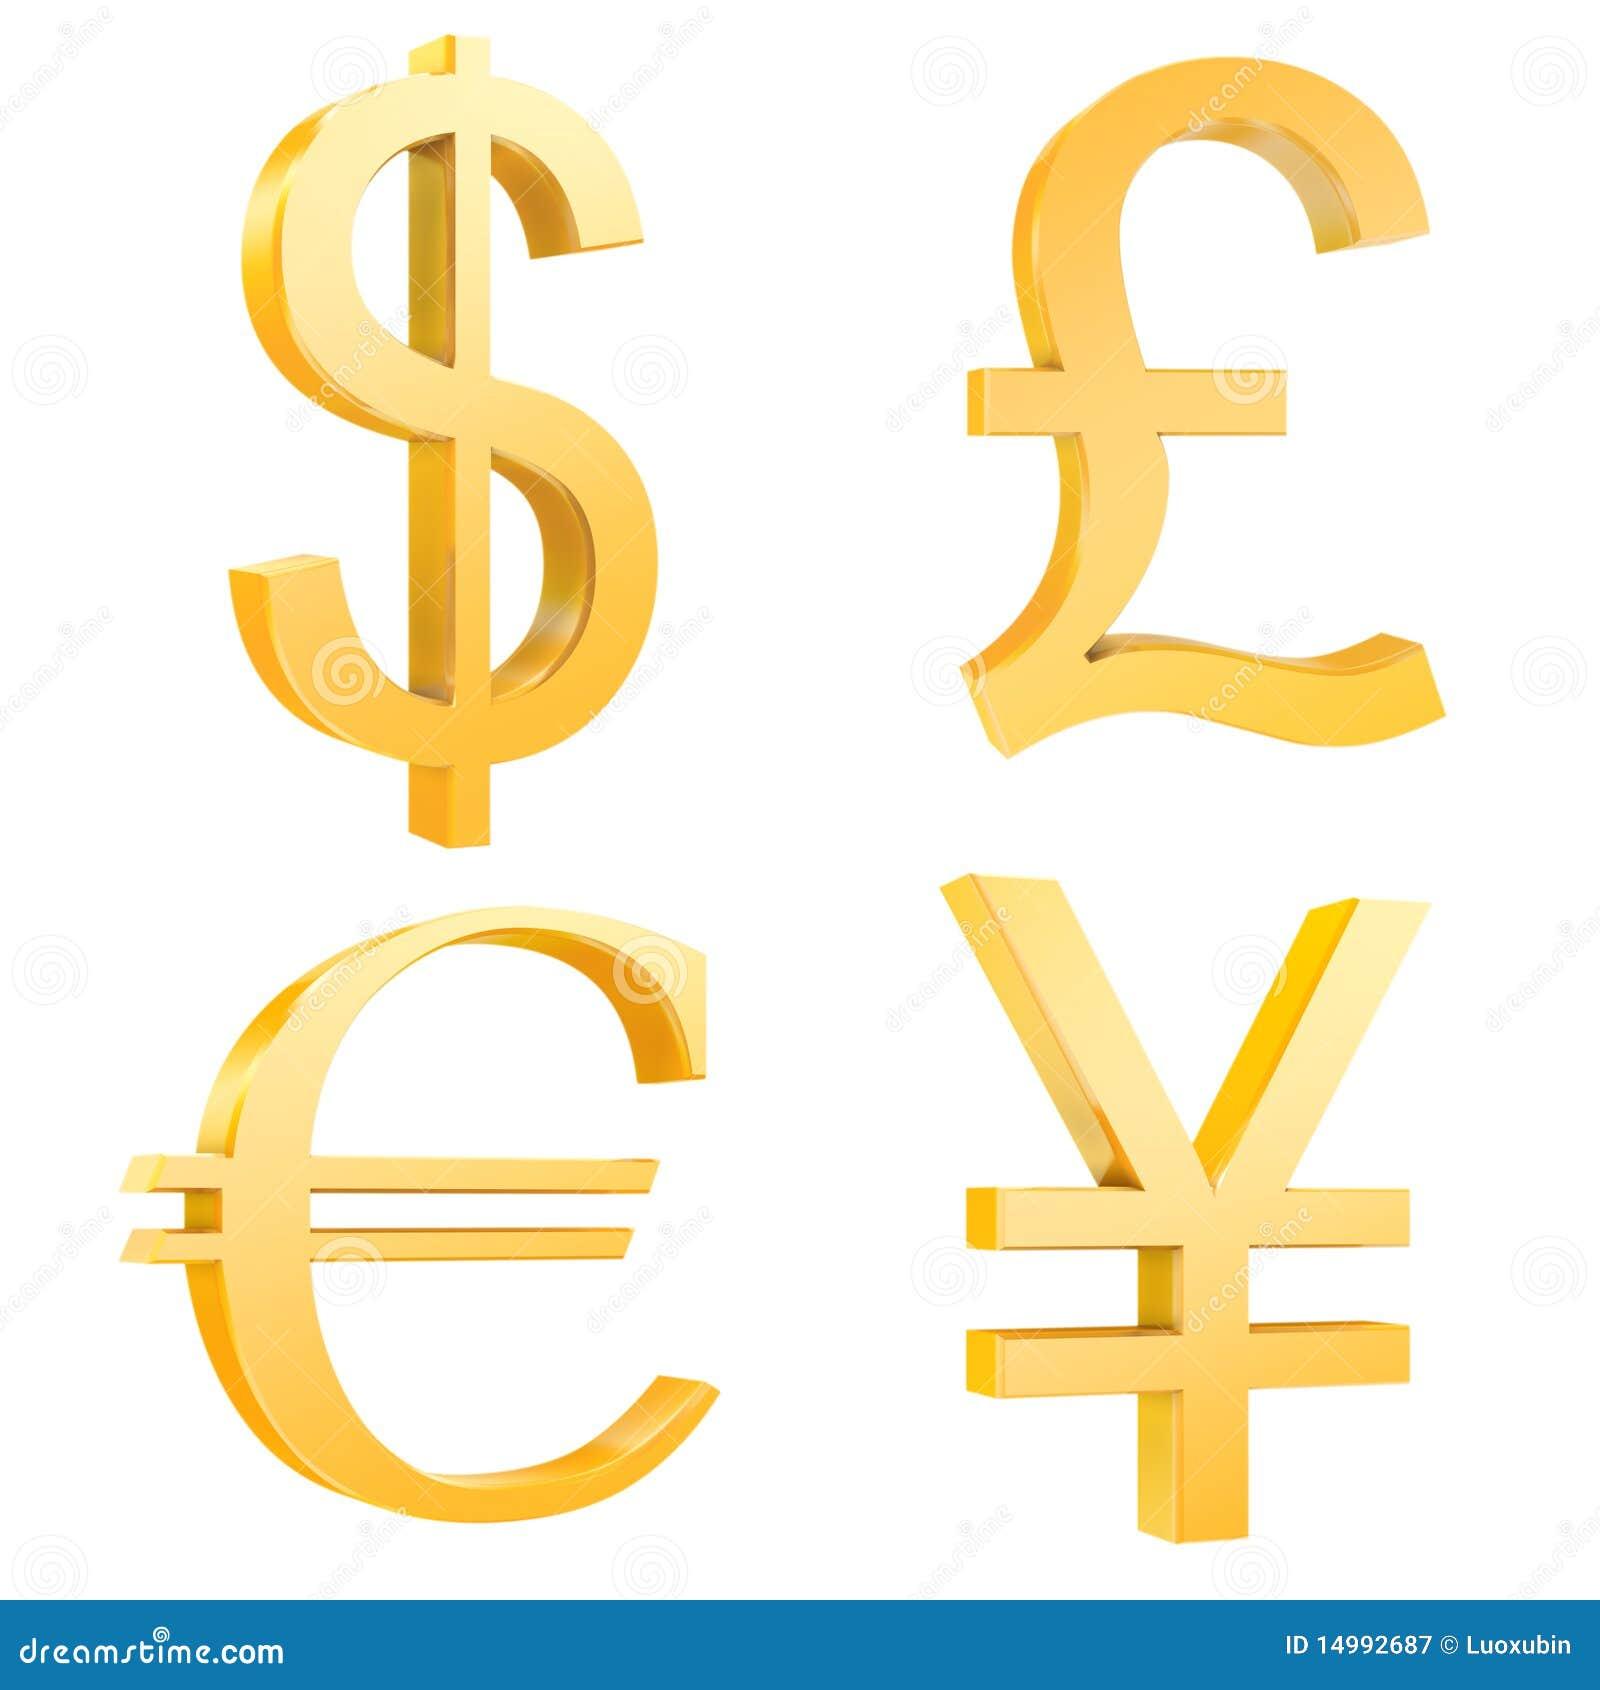 le dollar d 39 or livre euro yuan signe illustration stock illustration du c t finances. Black Bedroom Furniture Sets. Home Design Ideas